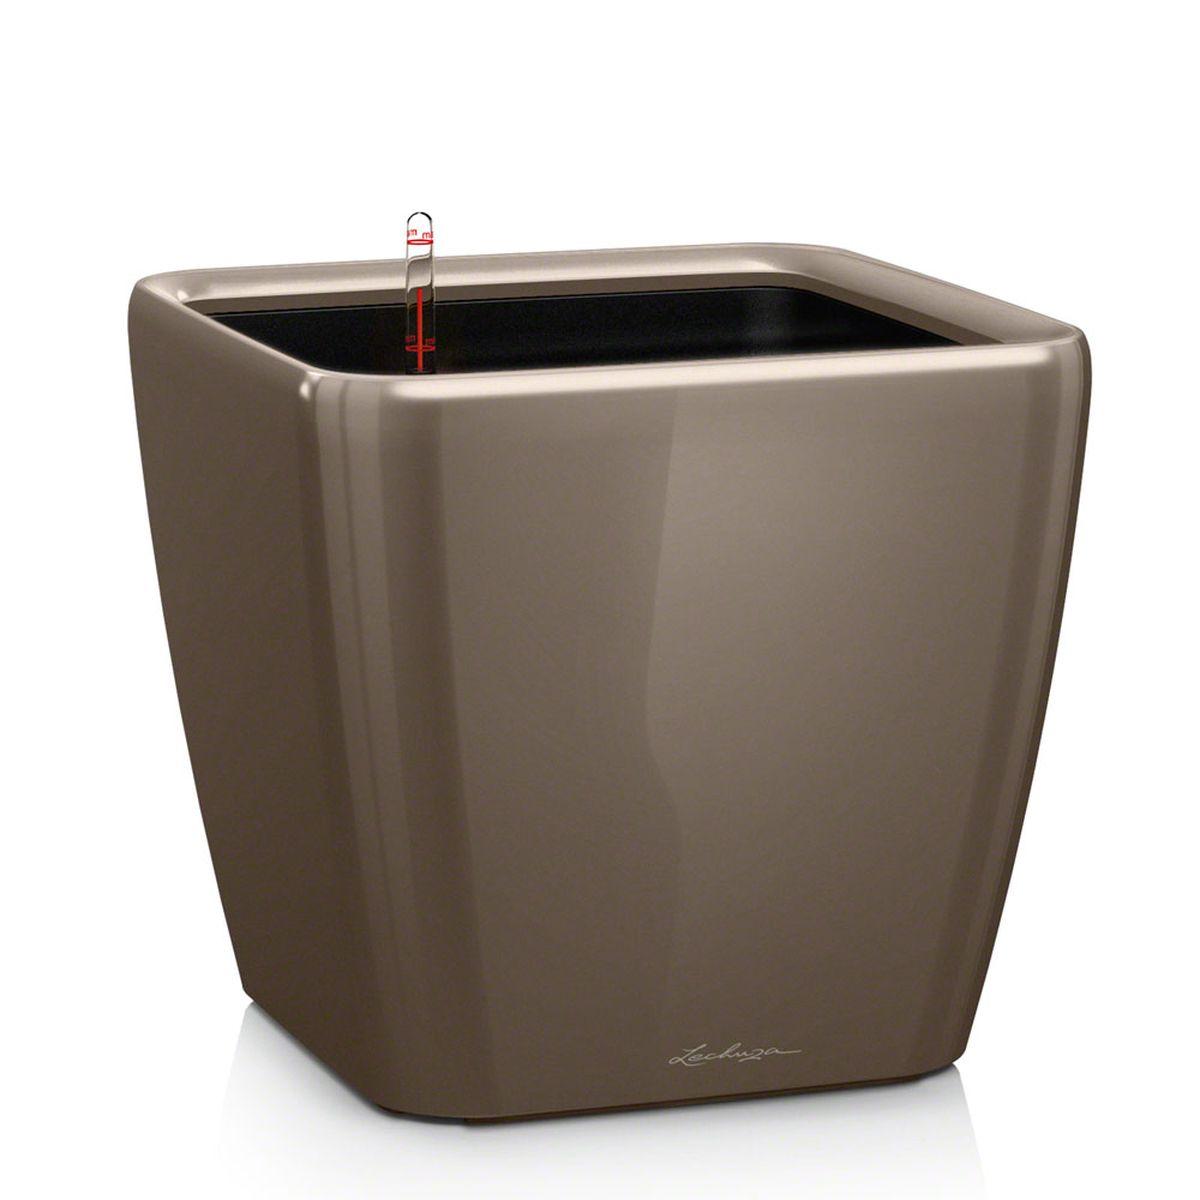 Кашпо Lechuza Quadro, с системой автополива, цвет: серо-коричневый, 33 х 33 х 35 см13130Кашпо Lechuza Quadro, выполненное из высококачественного пластика, имеет уникальную систему автополива, благодаря которой корневая система растения непрерывно снабжается влагой из резервуара. Уровень воды в резервуаре контролируется с помощью специального индикатора. В зависимости от размера кашпо и растения воды хватает на 2-12 недель. Это способствует хорошему росту цветов и предотвращает переувлажнение.В набор входит: кашпо, внутренний горшок, индикатор уровня воды, вал подачи воды, субстрат растений в качестве дренажного слоя, резервуар для воды.Кашпо Lechuza Quadro прекрасно впишется в любой интерьер. Оно поможет расставить нужные акценты и придаст помещению вид, соответствующий вашим представлениям.